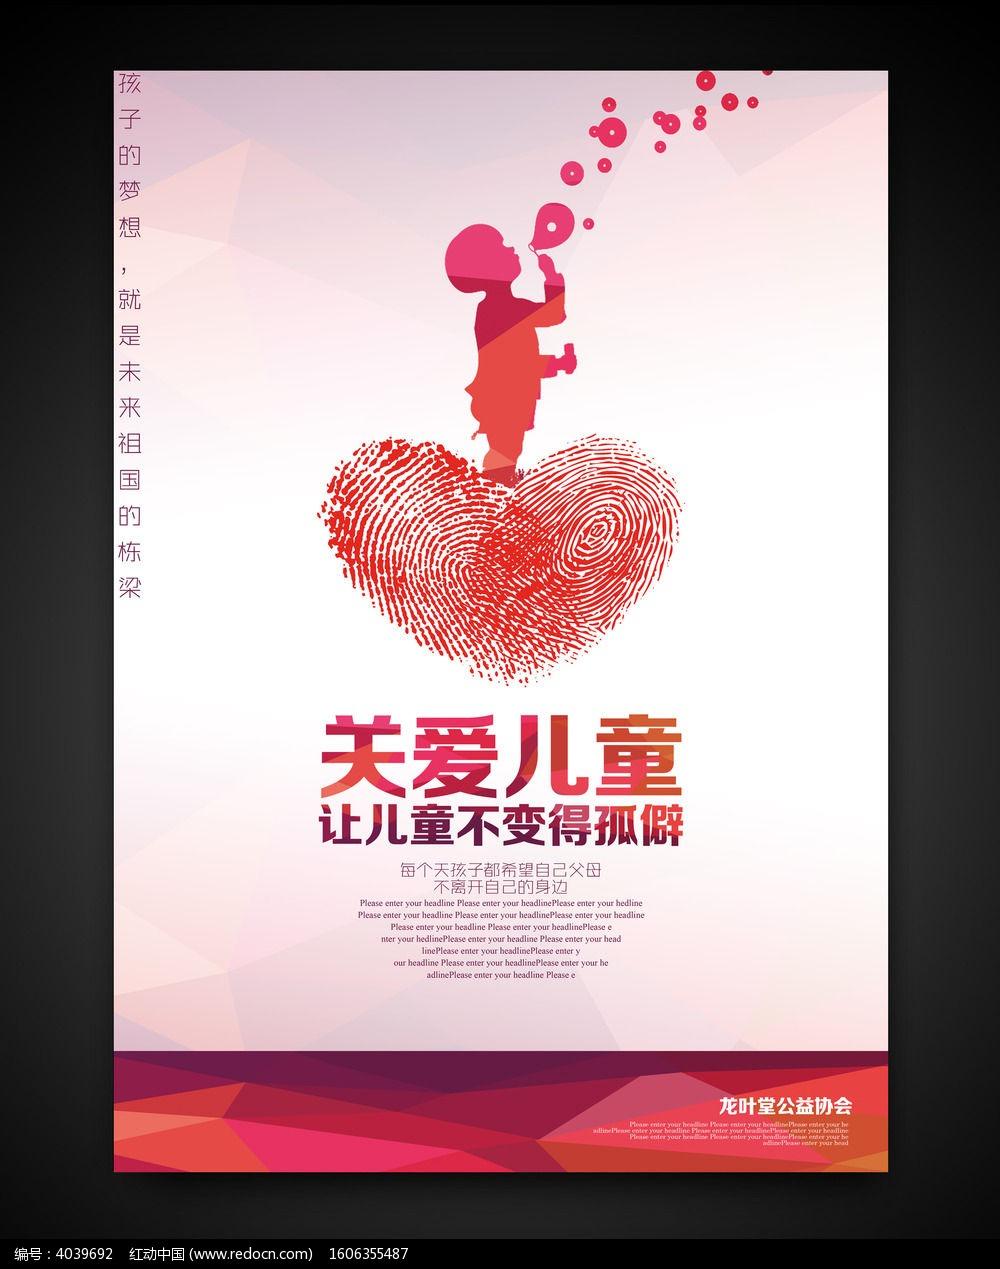 创意爱心公益海报设计psd下载